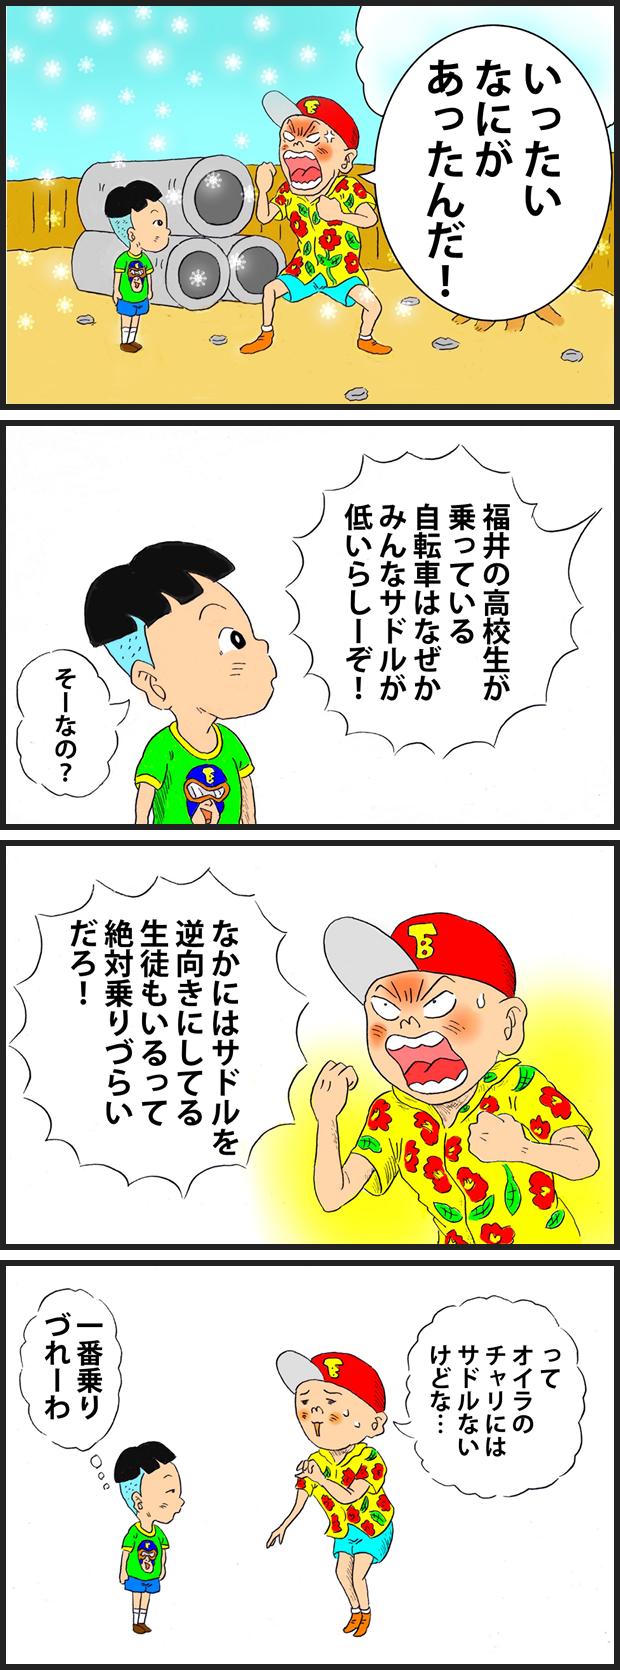 279 福井の謎ルール